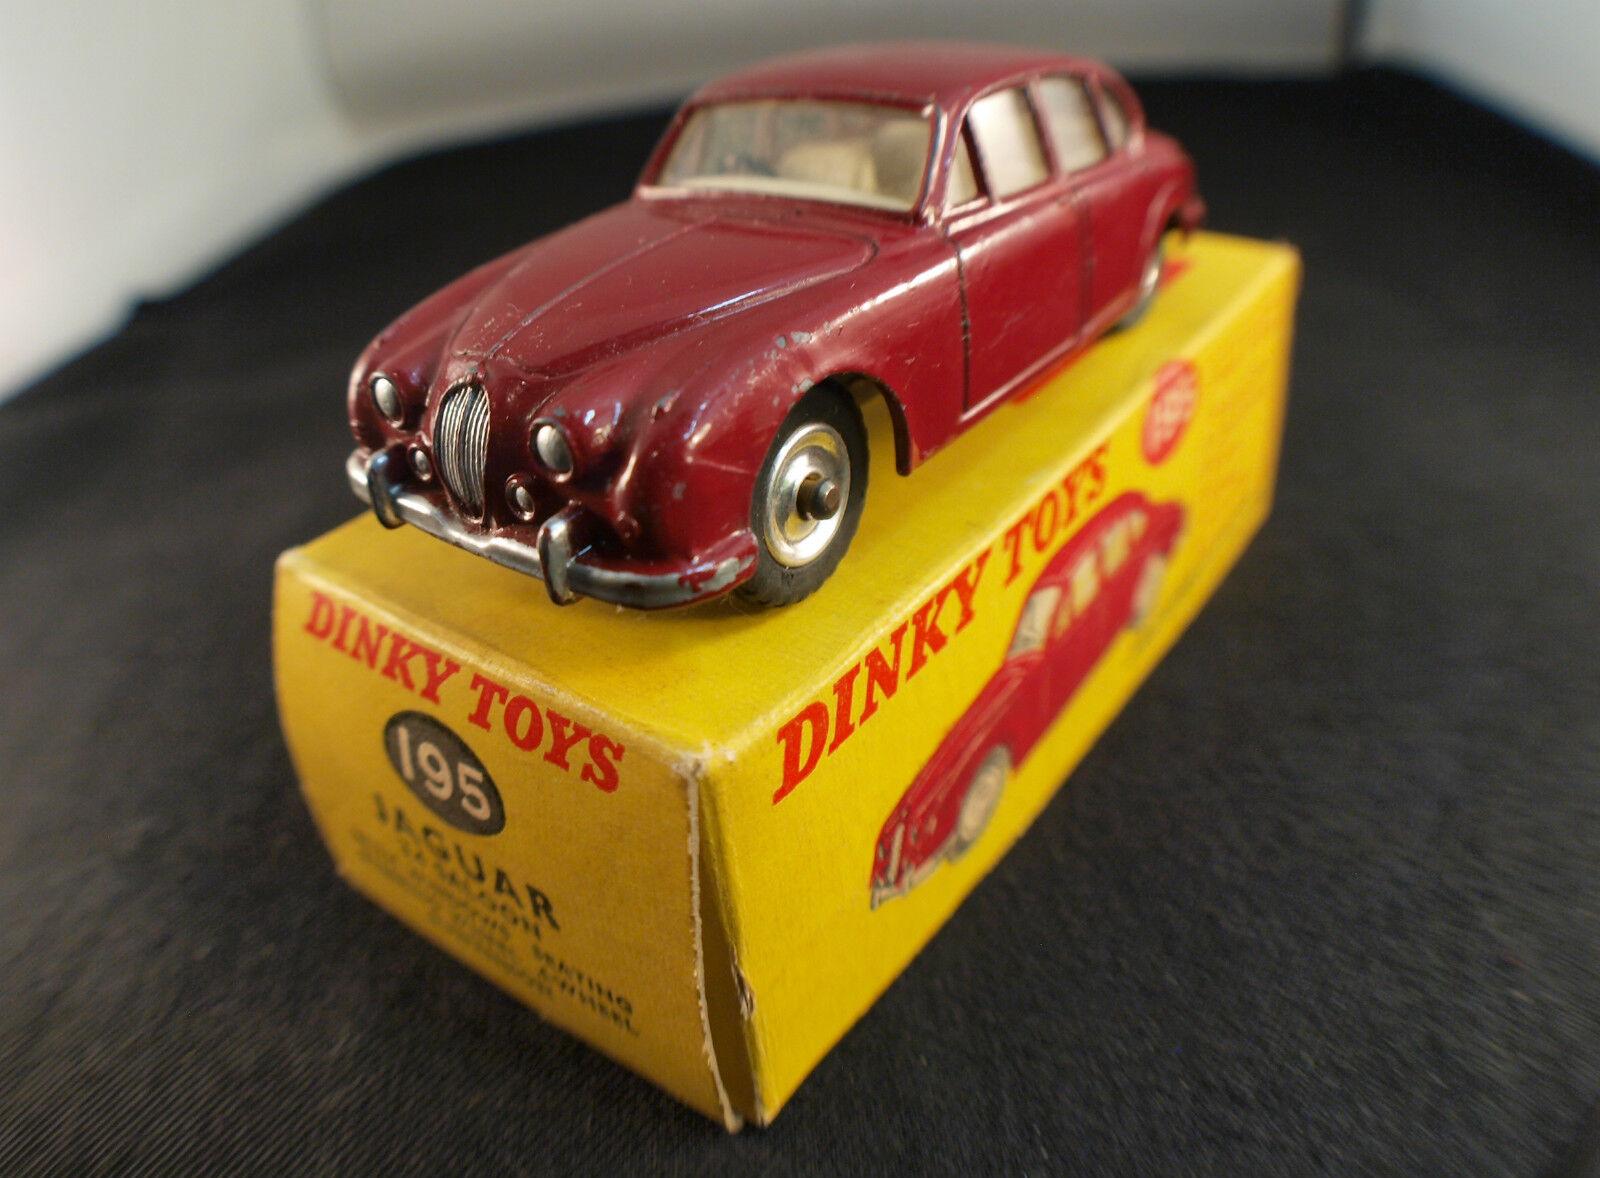 Dinky Juguetes GB n° 195 Jaguar 3.4 Saloon en boite